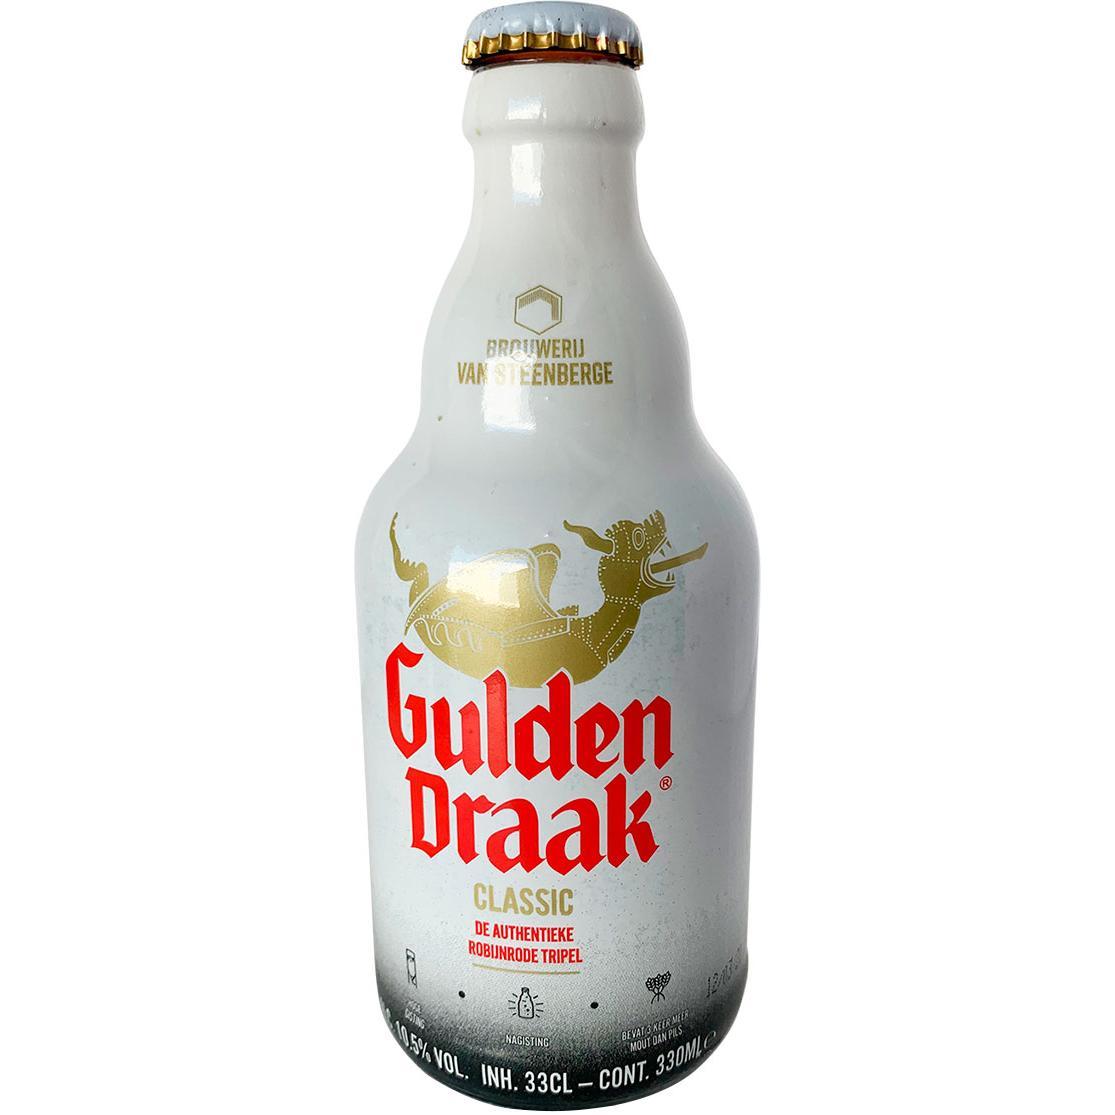 gulden_draak_33cl